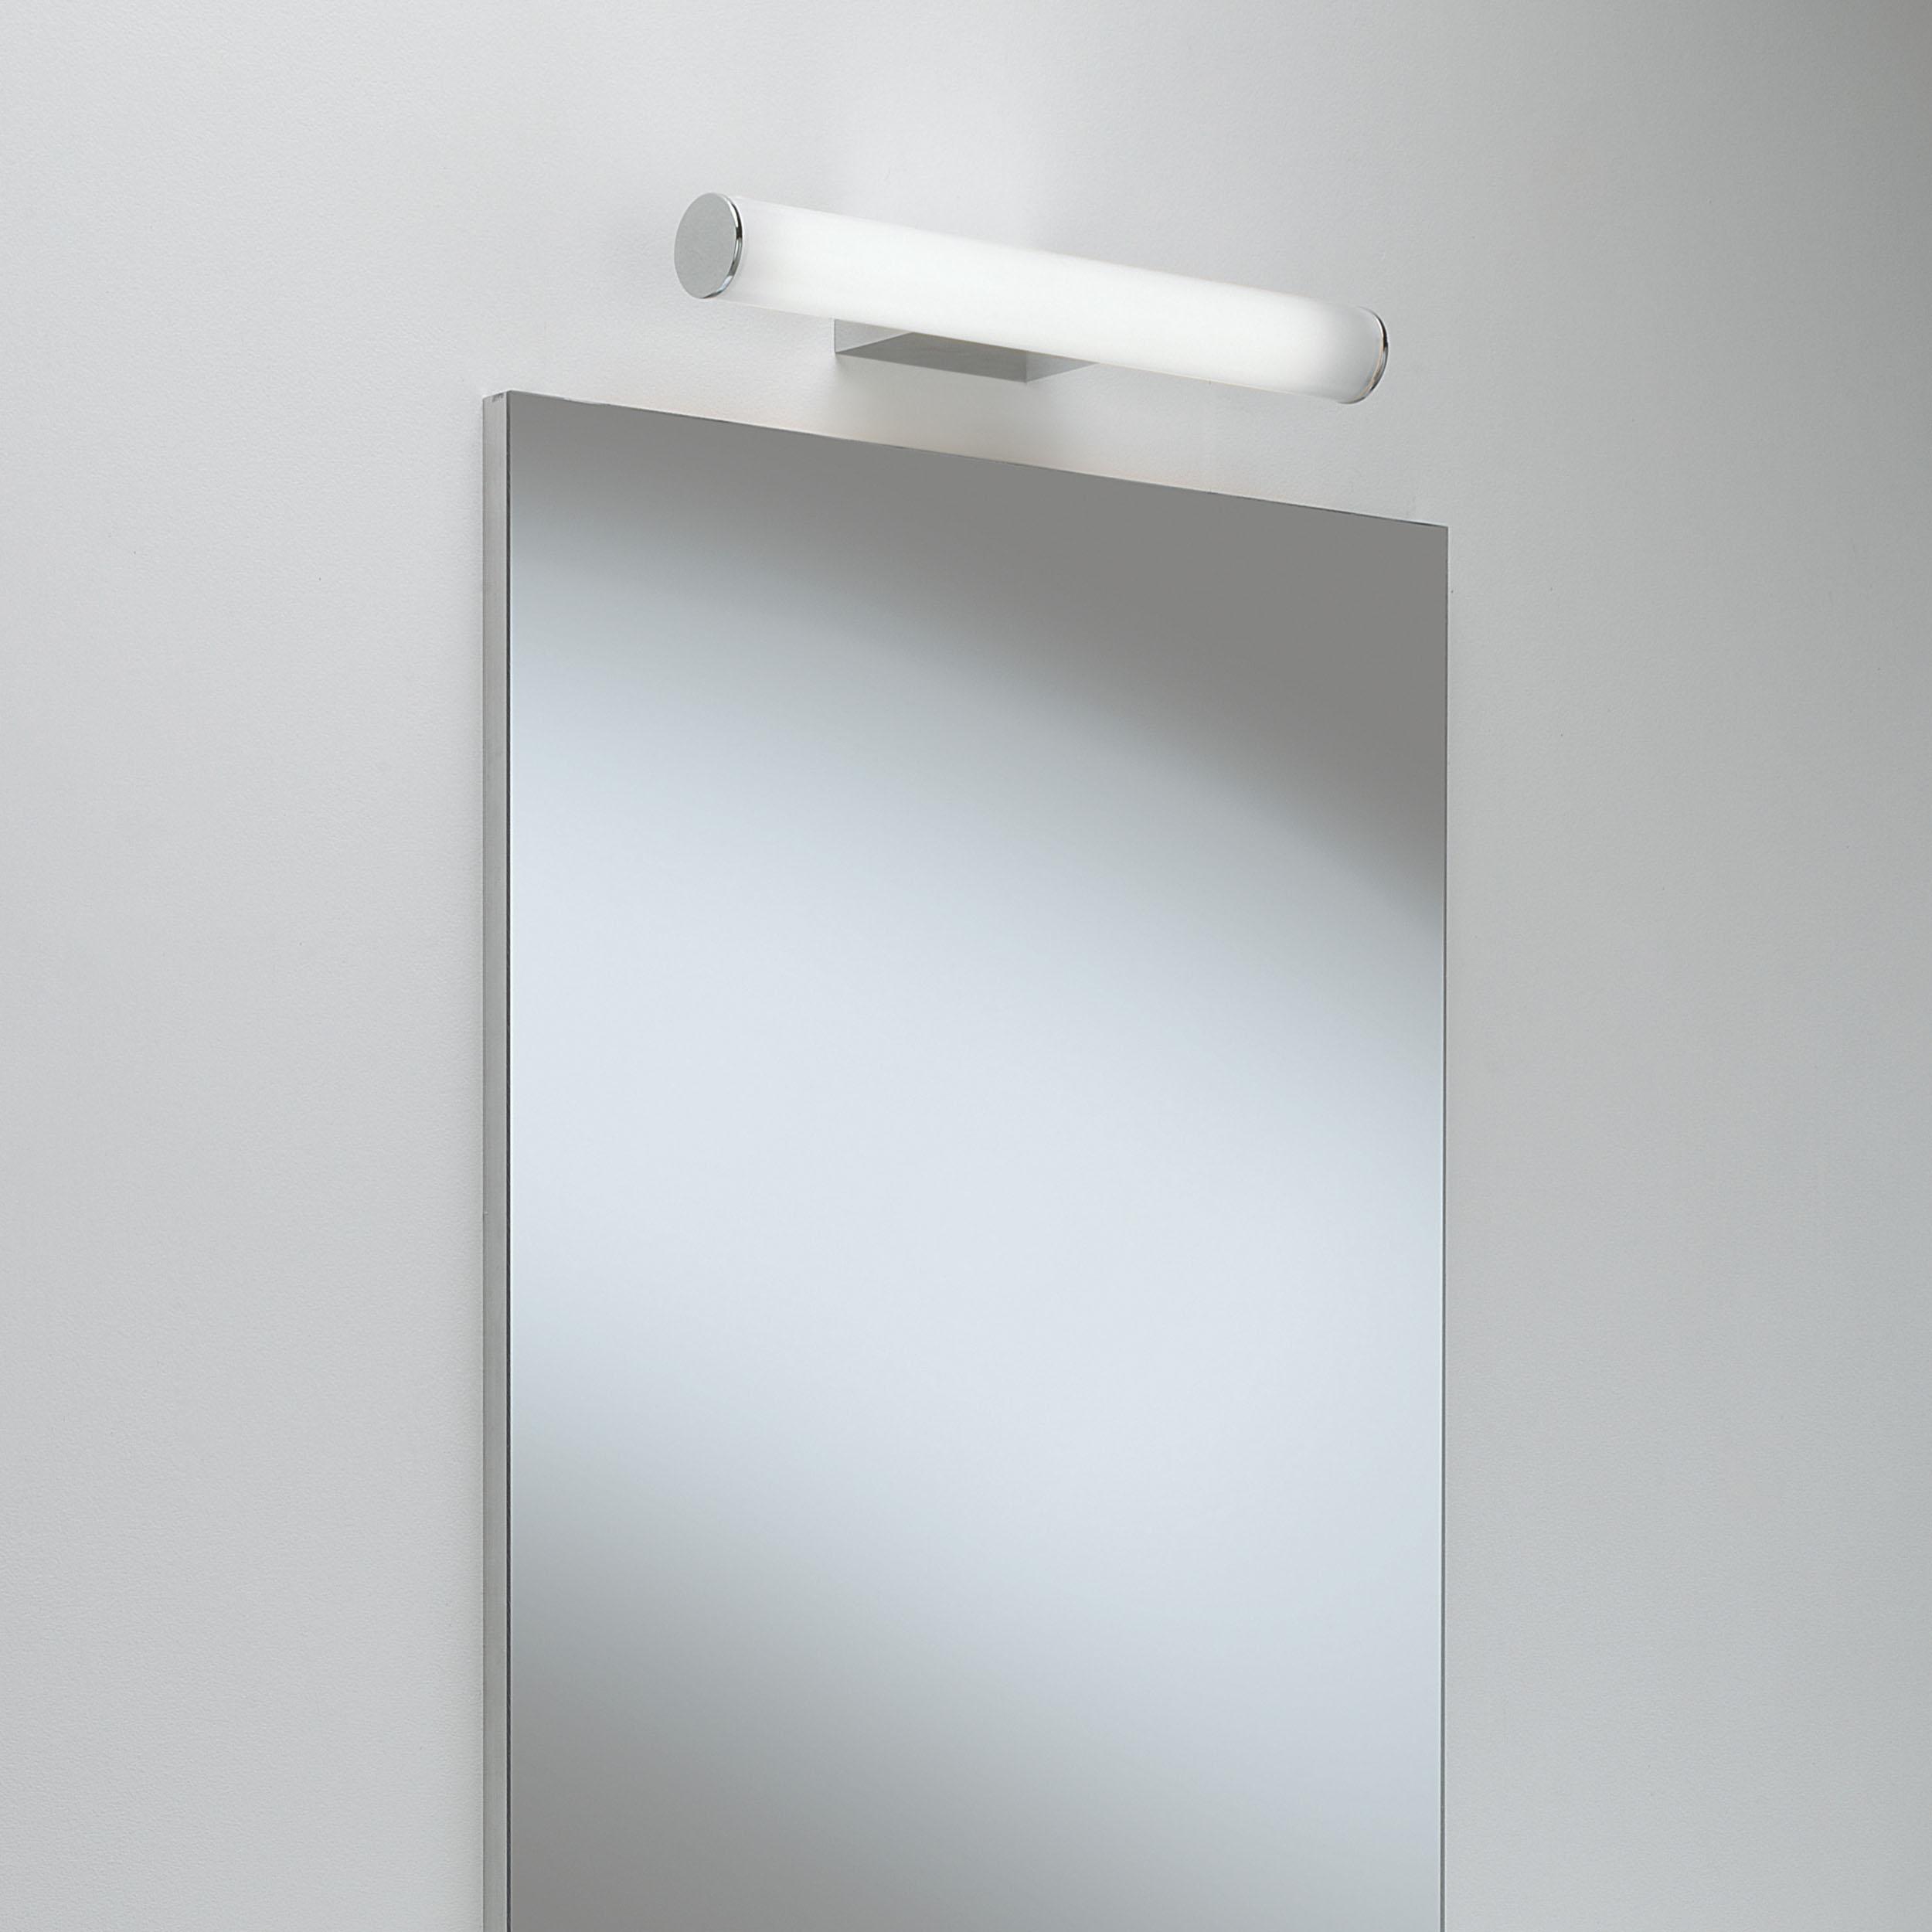 Настенный светодиодный светильник Astro Dio 1305001 (7101), IP44, LED 4,53W, 3000K (теплый), хром, белый, металл, пластик - фото 3